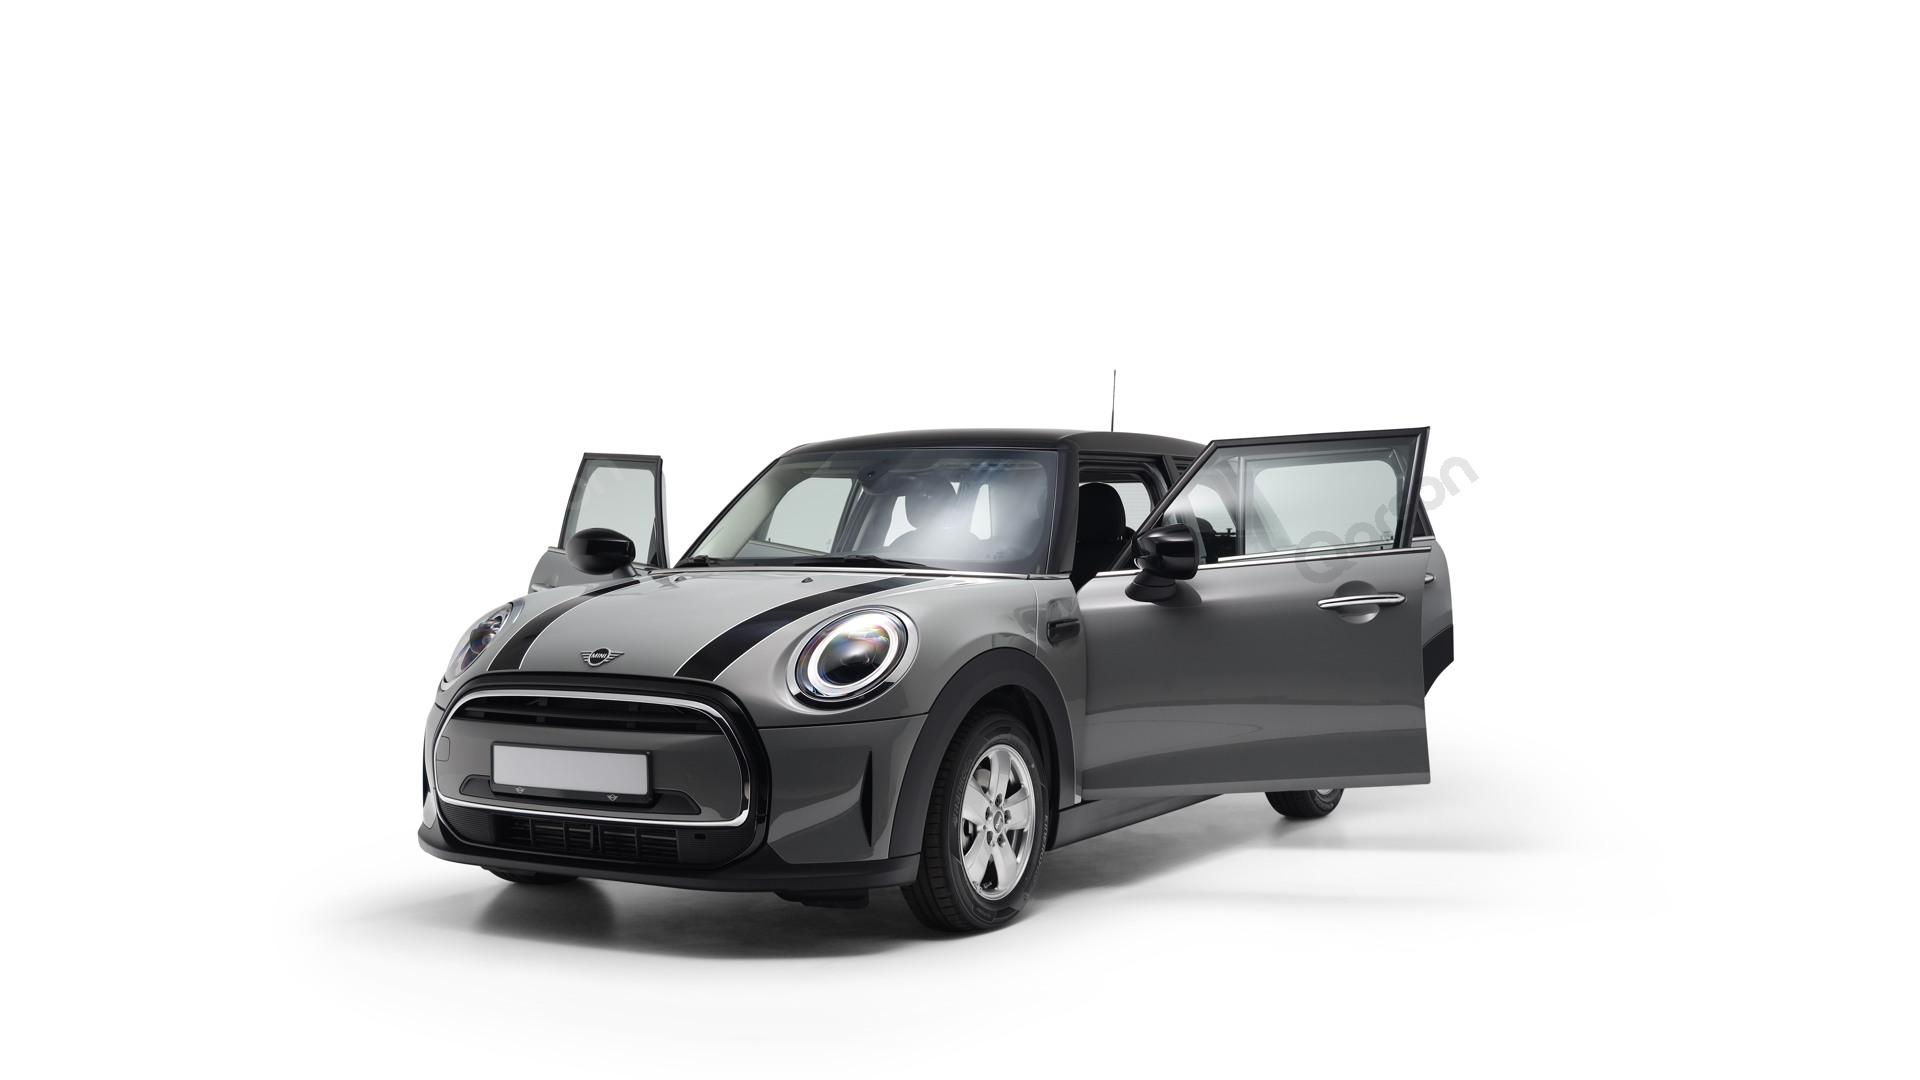 MINI MINI 5D Widok auta z otwartymi drzwiami przedni lewy bok pod kątem 30 stopni